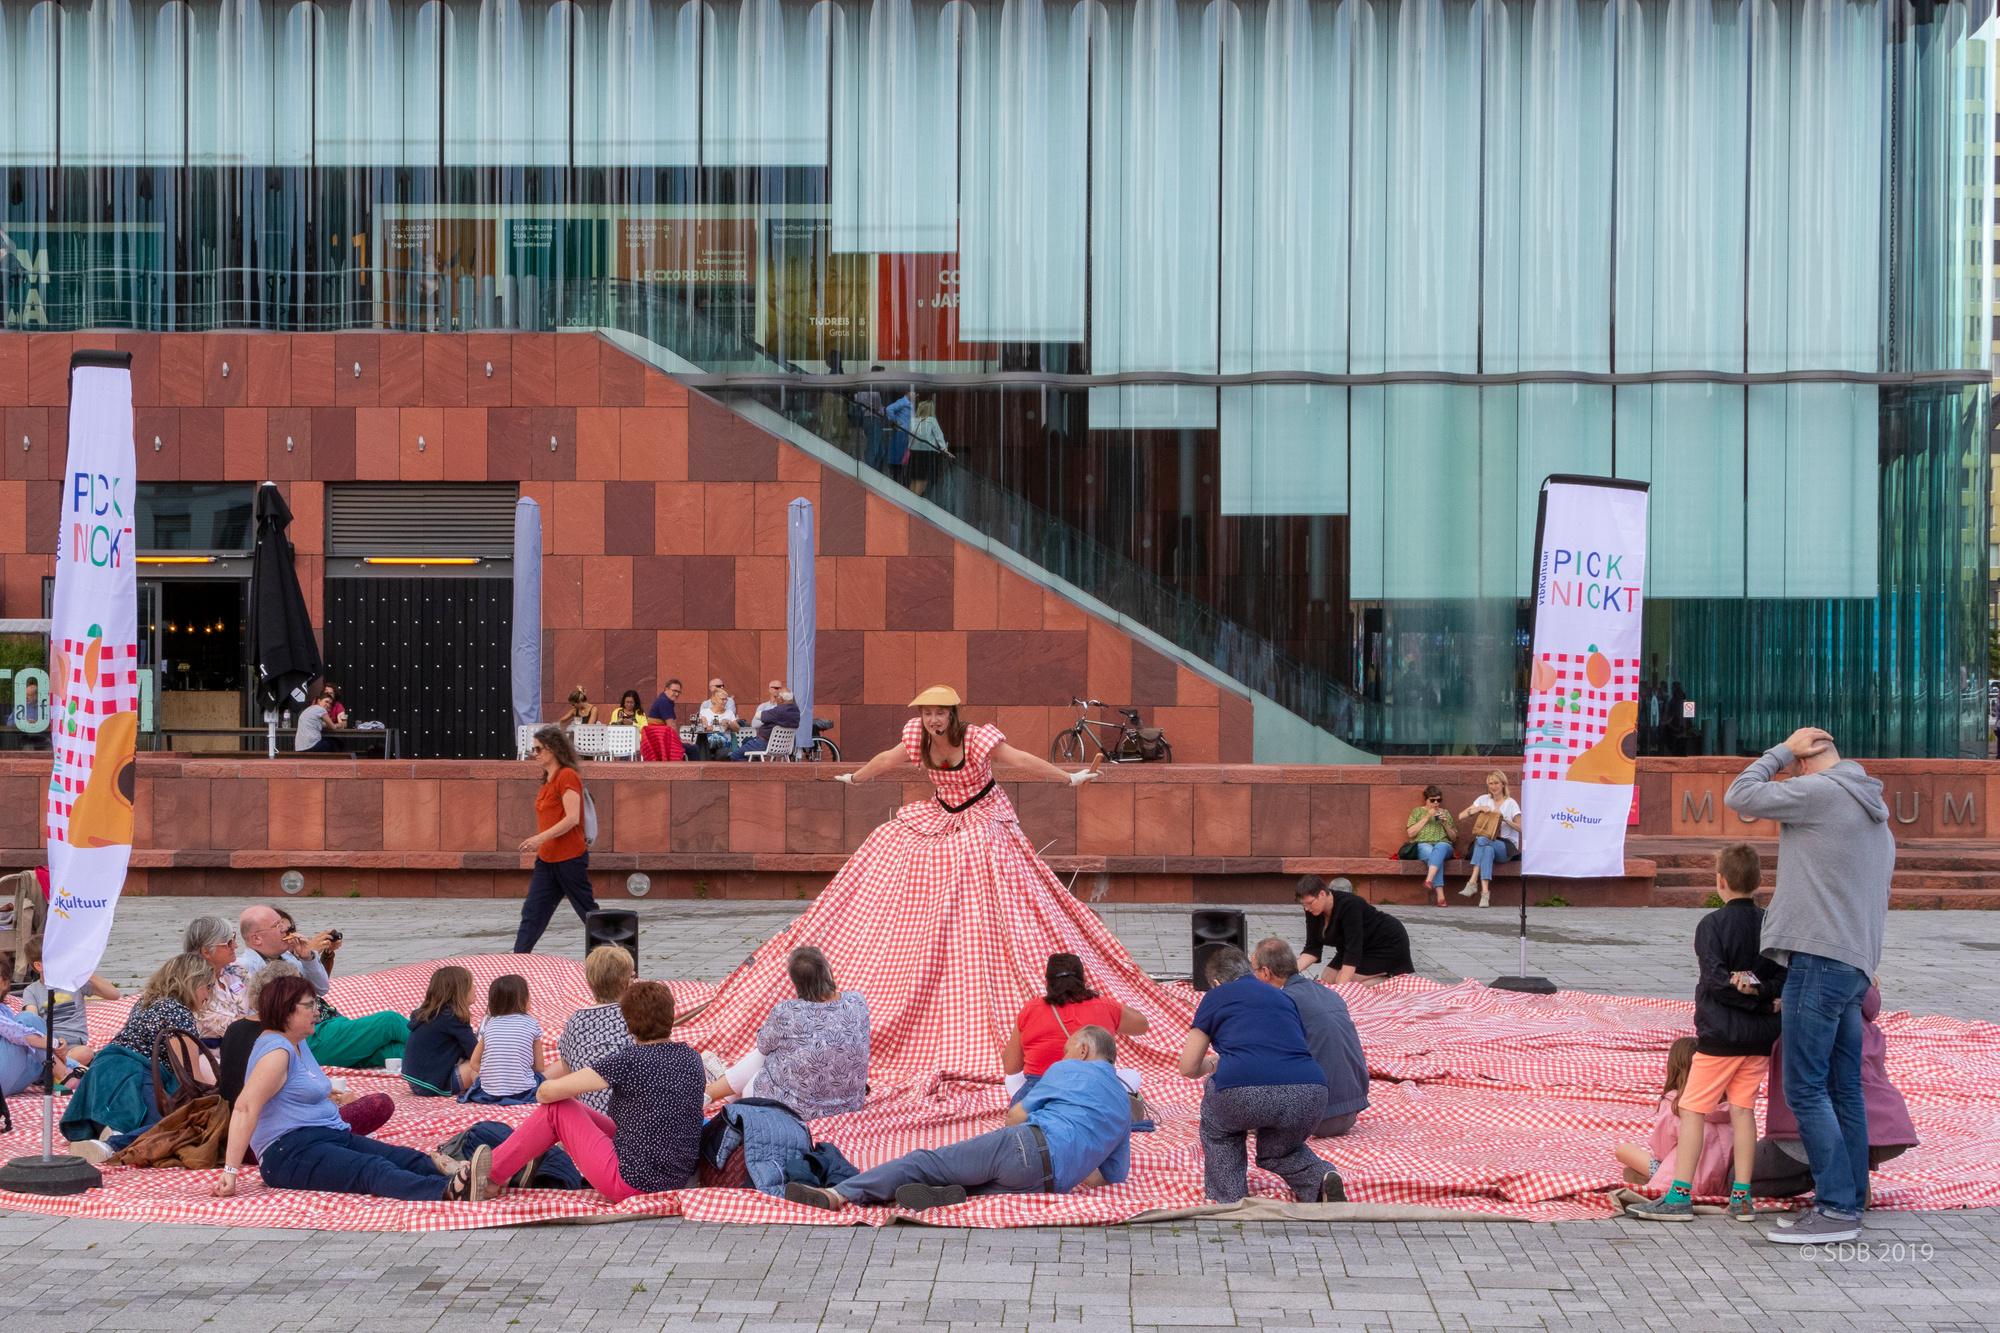 Een picknick aan het MAS, vtbKultuur